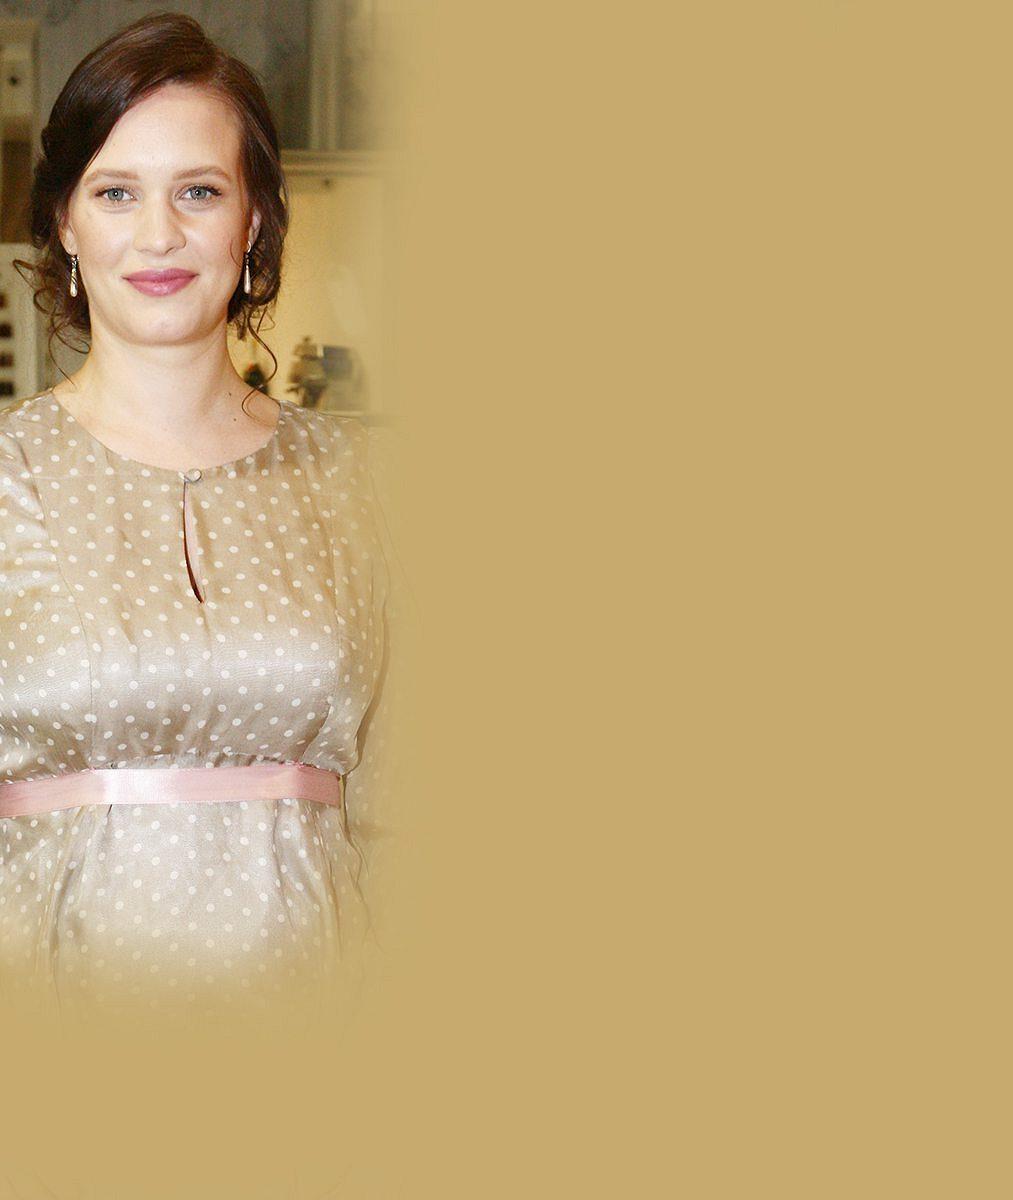 Kristýna Leichtová vynesla všechny své trumfy: Pochlubila se napěchovaným dekoltem, maminkou i tříměsíční dcerkou